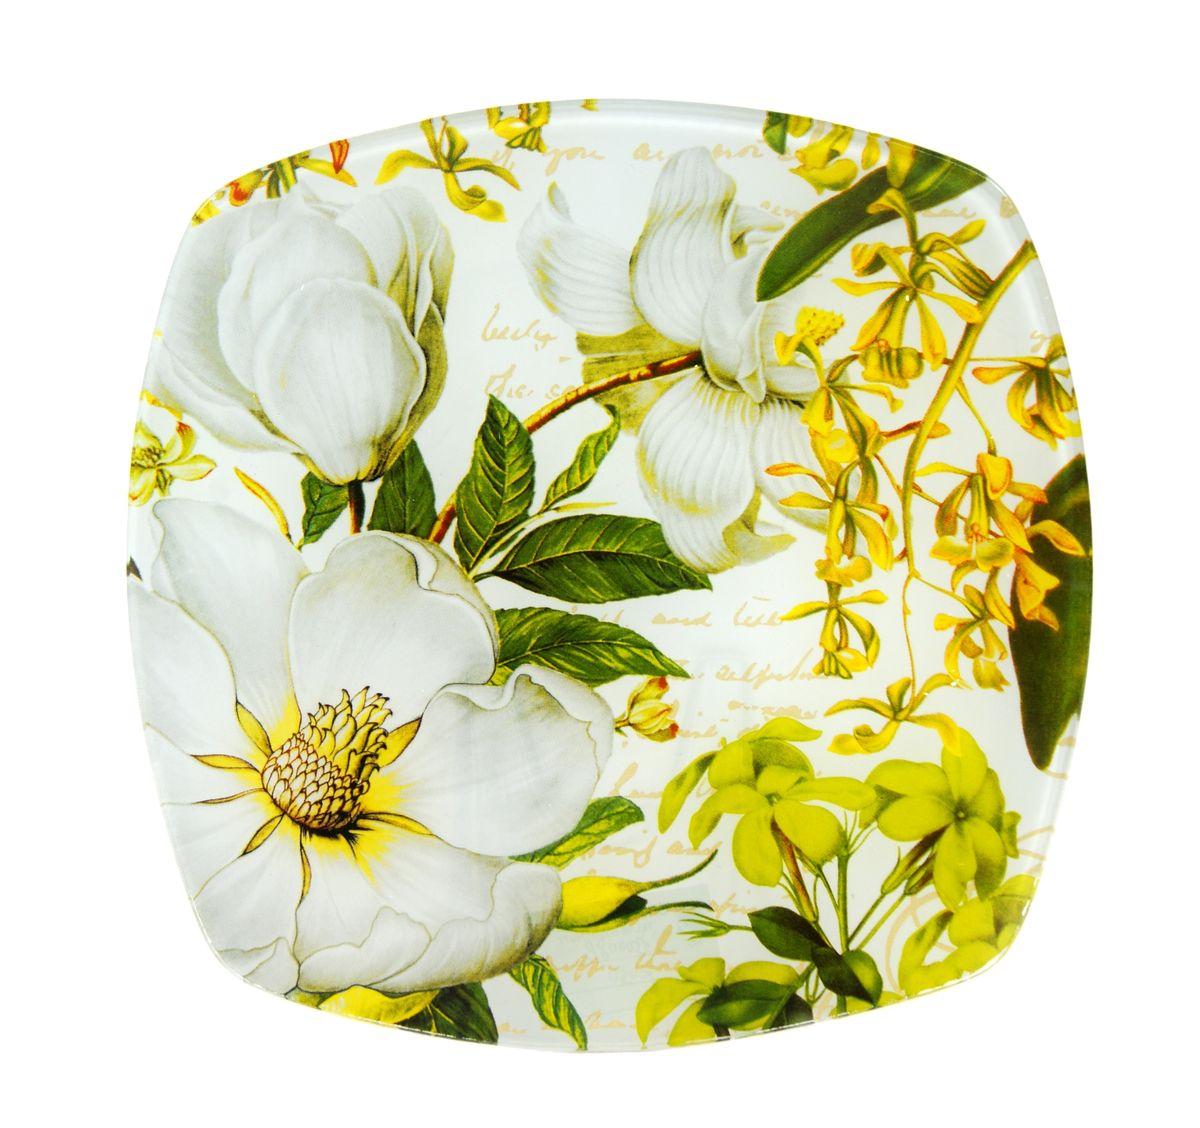 Тарелка Zibo Shelley Белая роза, 20 см х 20 смZSWR350008Тарелка Zibo Shelley Белая роза изготовлена из высококачественного стекла и предназначена для красивой подачи различных блюд. Изделие декорировано оригинальной яркой картинкой. Такая тарелка украсит сервировку стола и подчеркнет прекрасный вкус хозяйки.Можно мыть в посудомоечной машине. Размер изделия (по верхнему краю): 20 см х 20 см. Высота изделия: 1,5 см.